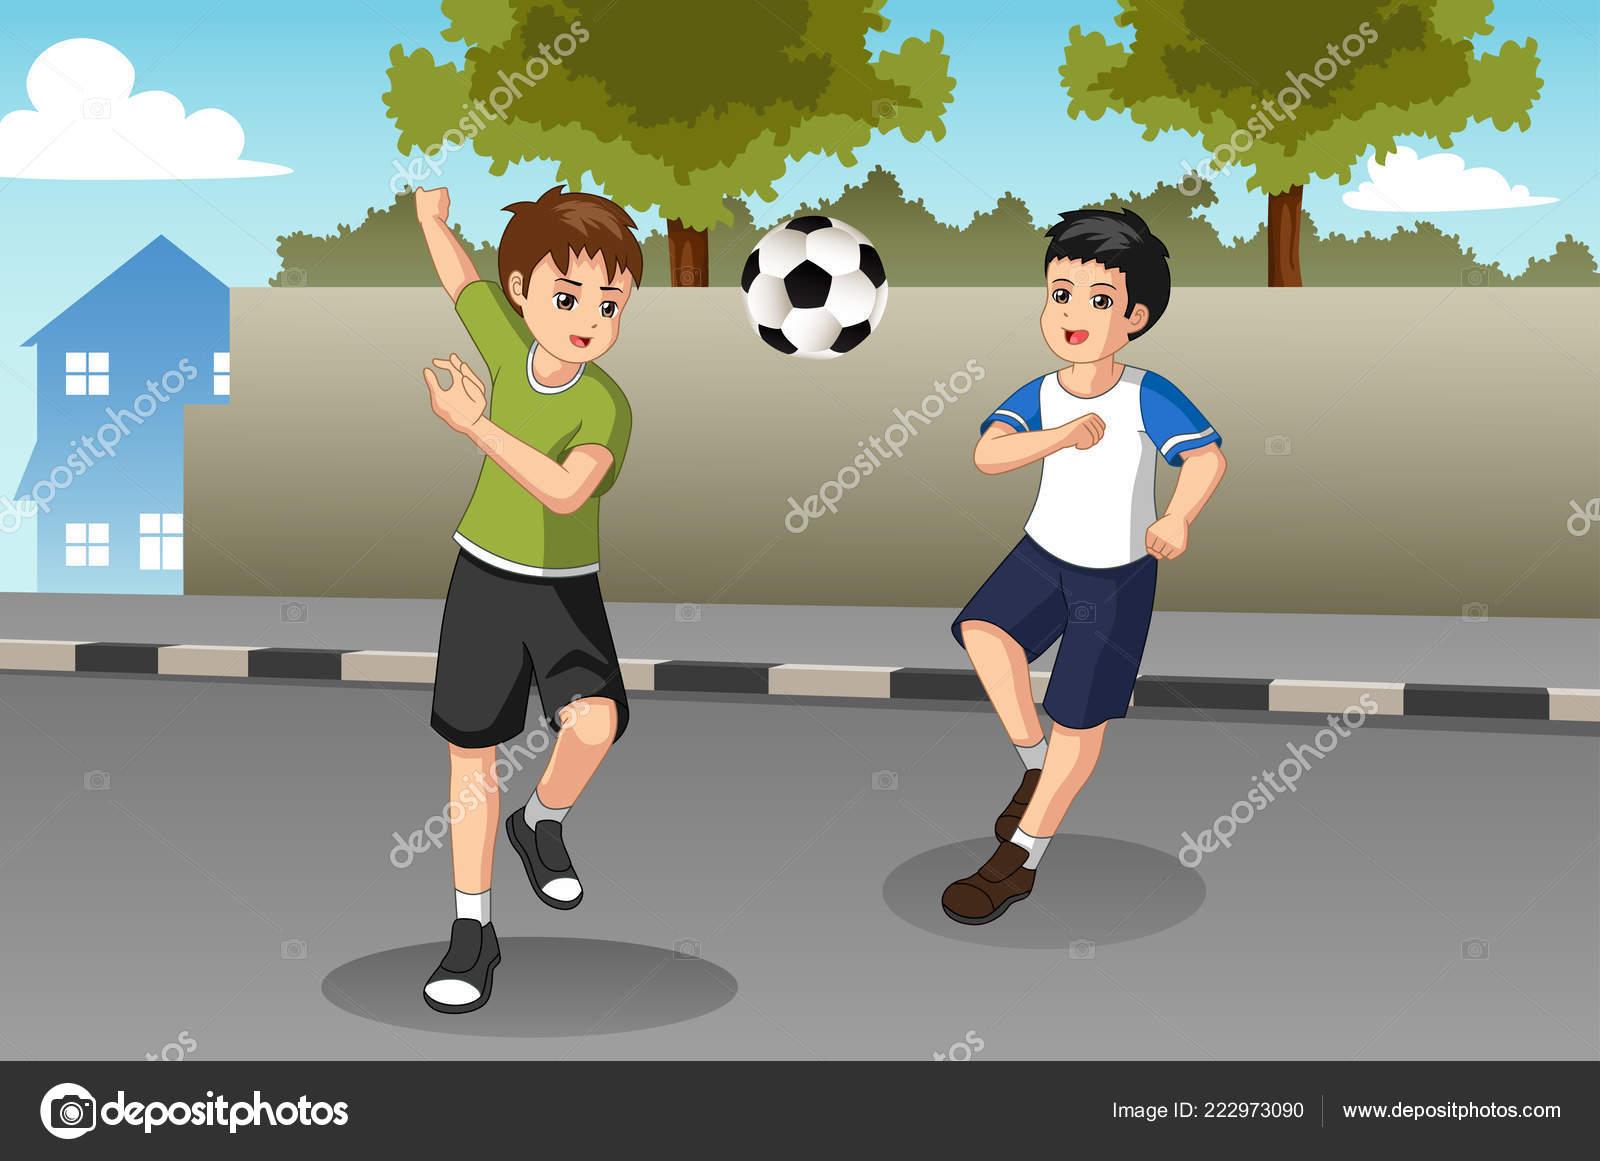 Una Ilustracion Vectorial Ninos Jugando Futbol Calle Vector De